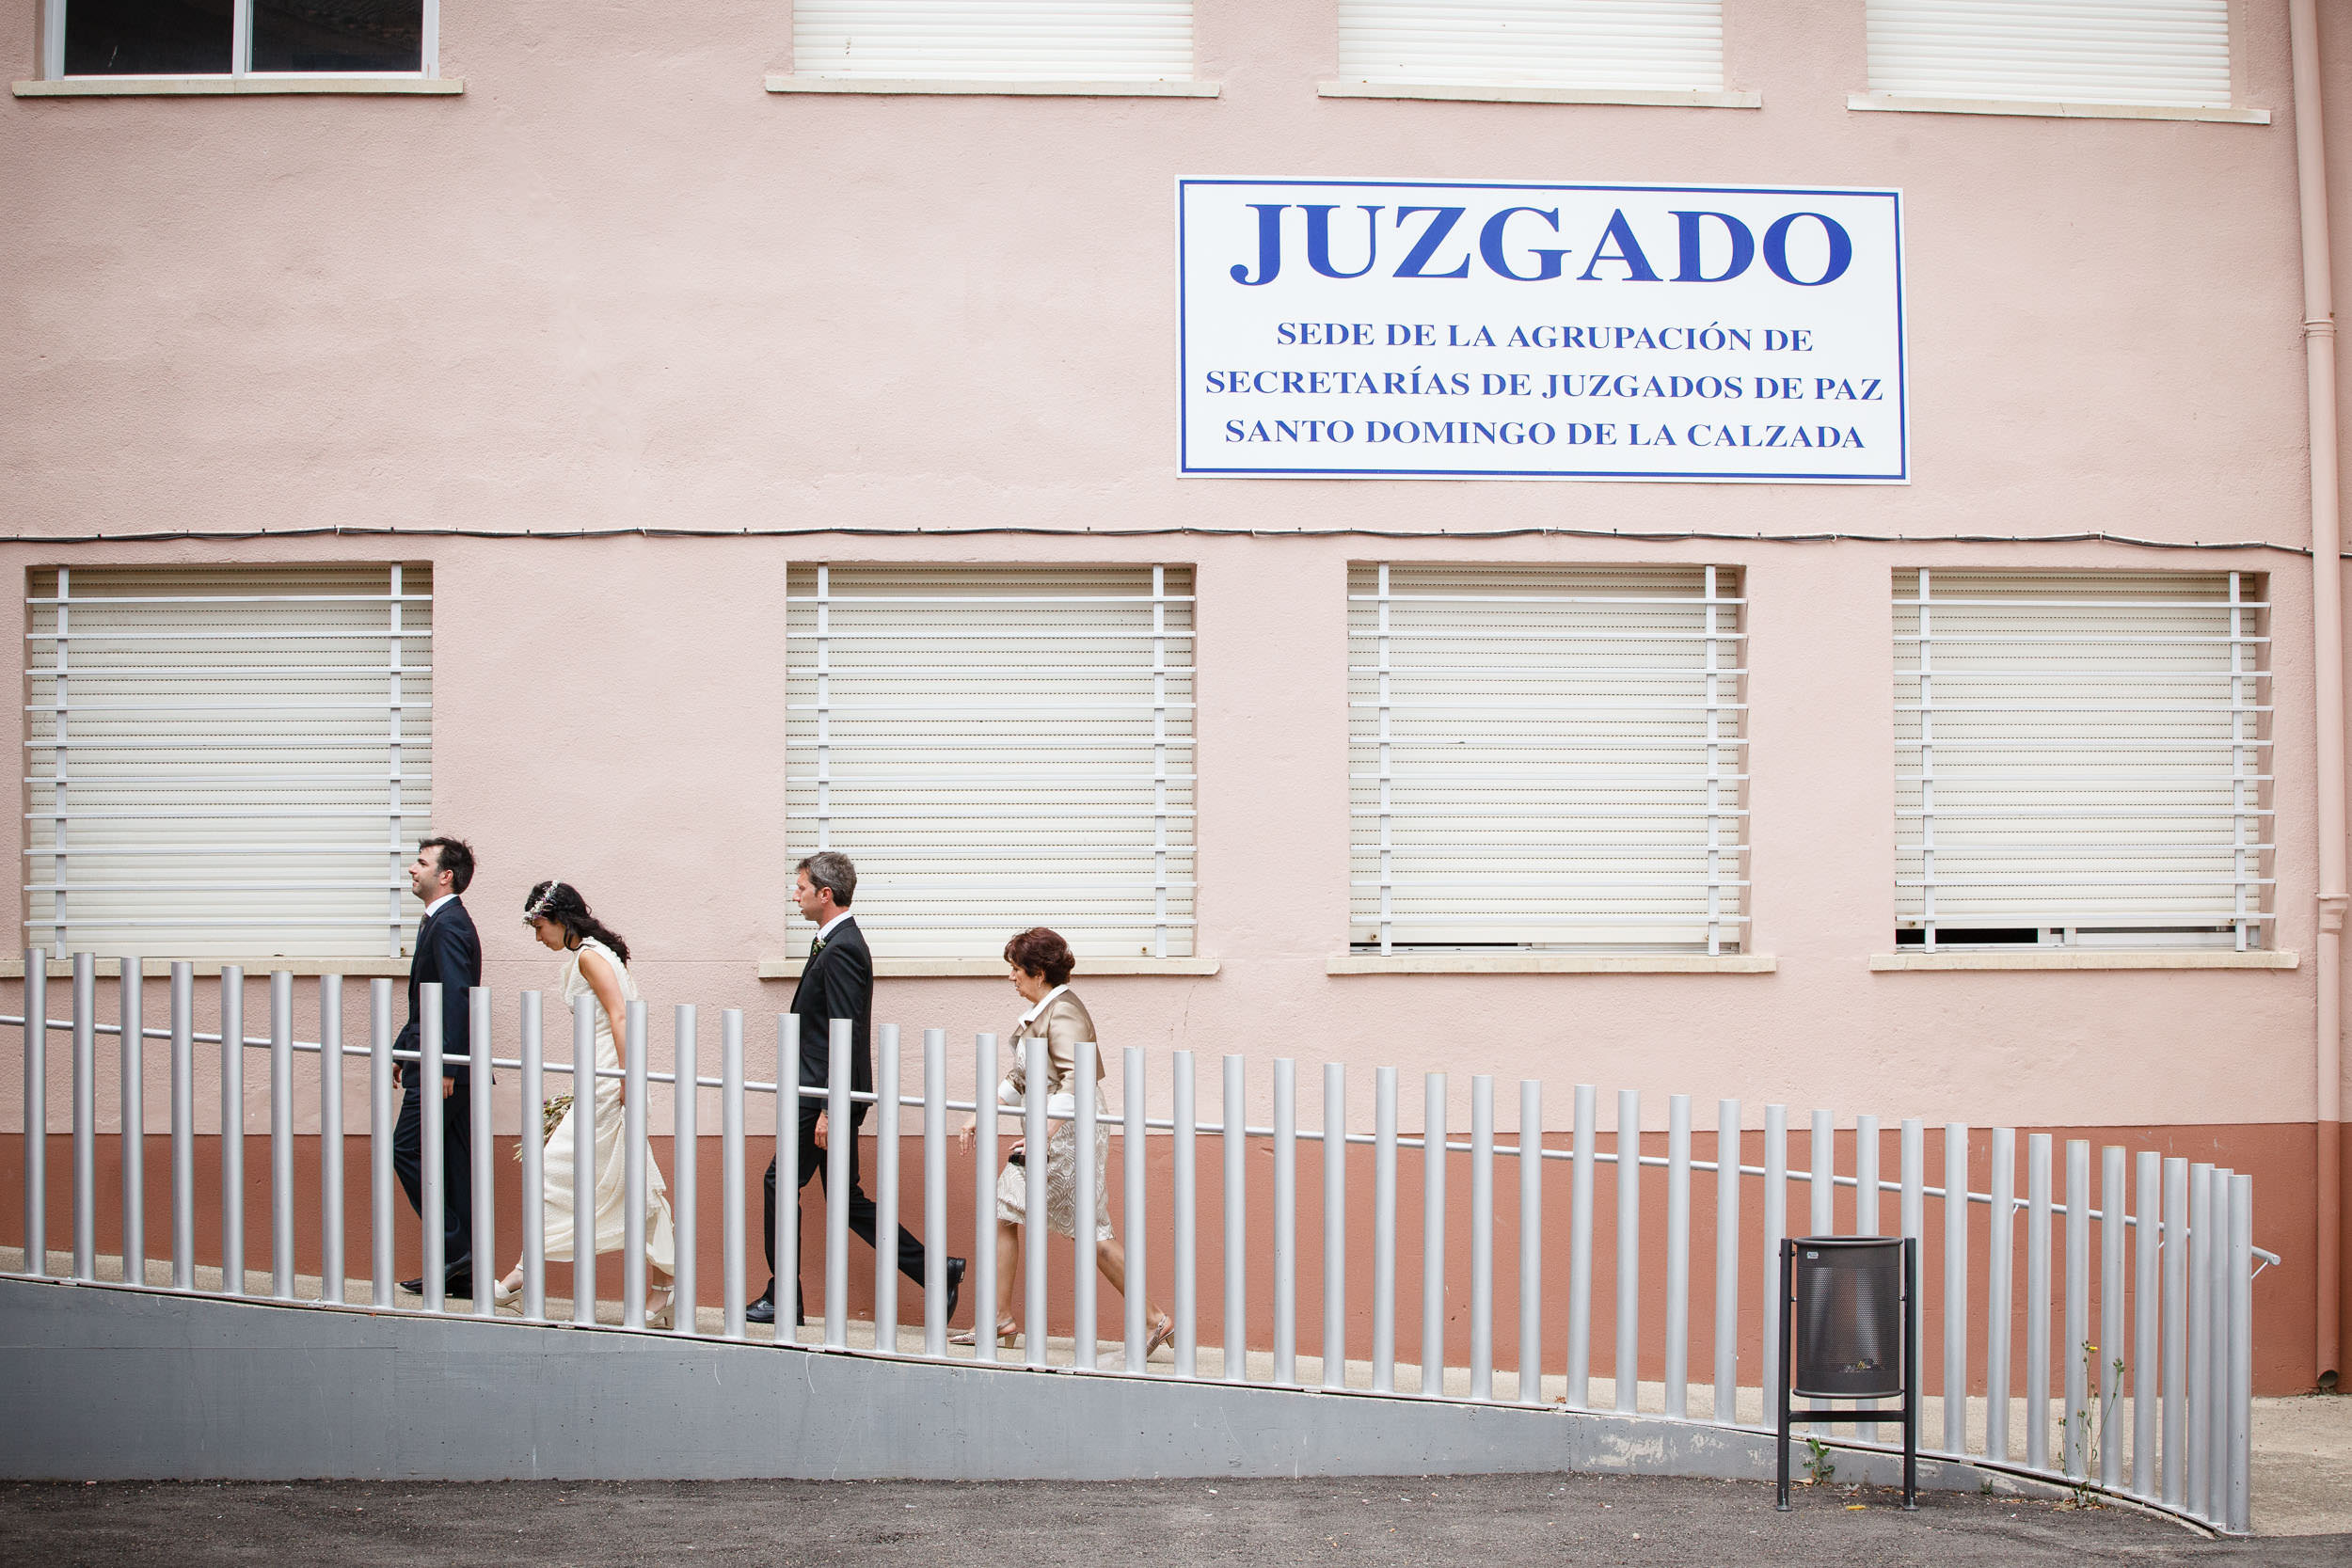 27/7/13 Boda de Elisa y Gonzalo, Santo Domingo y Azarrulla, La Rioja, España. Foto de James Sturcke Fotografía | www.sturcke.org